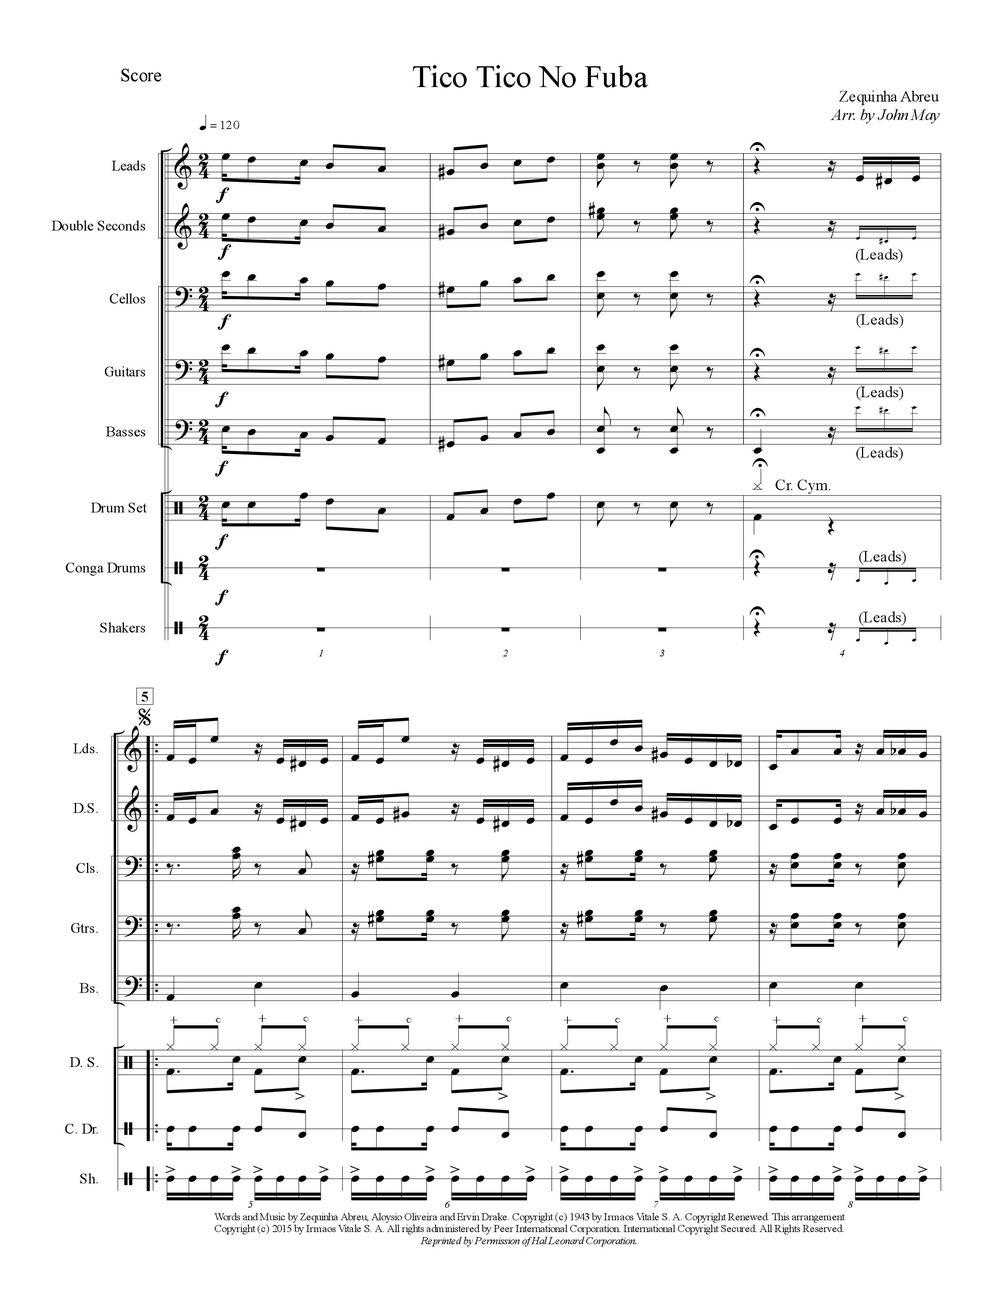 Tico Tico No Fuba-Score Sample.jpg